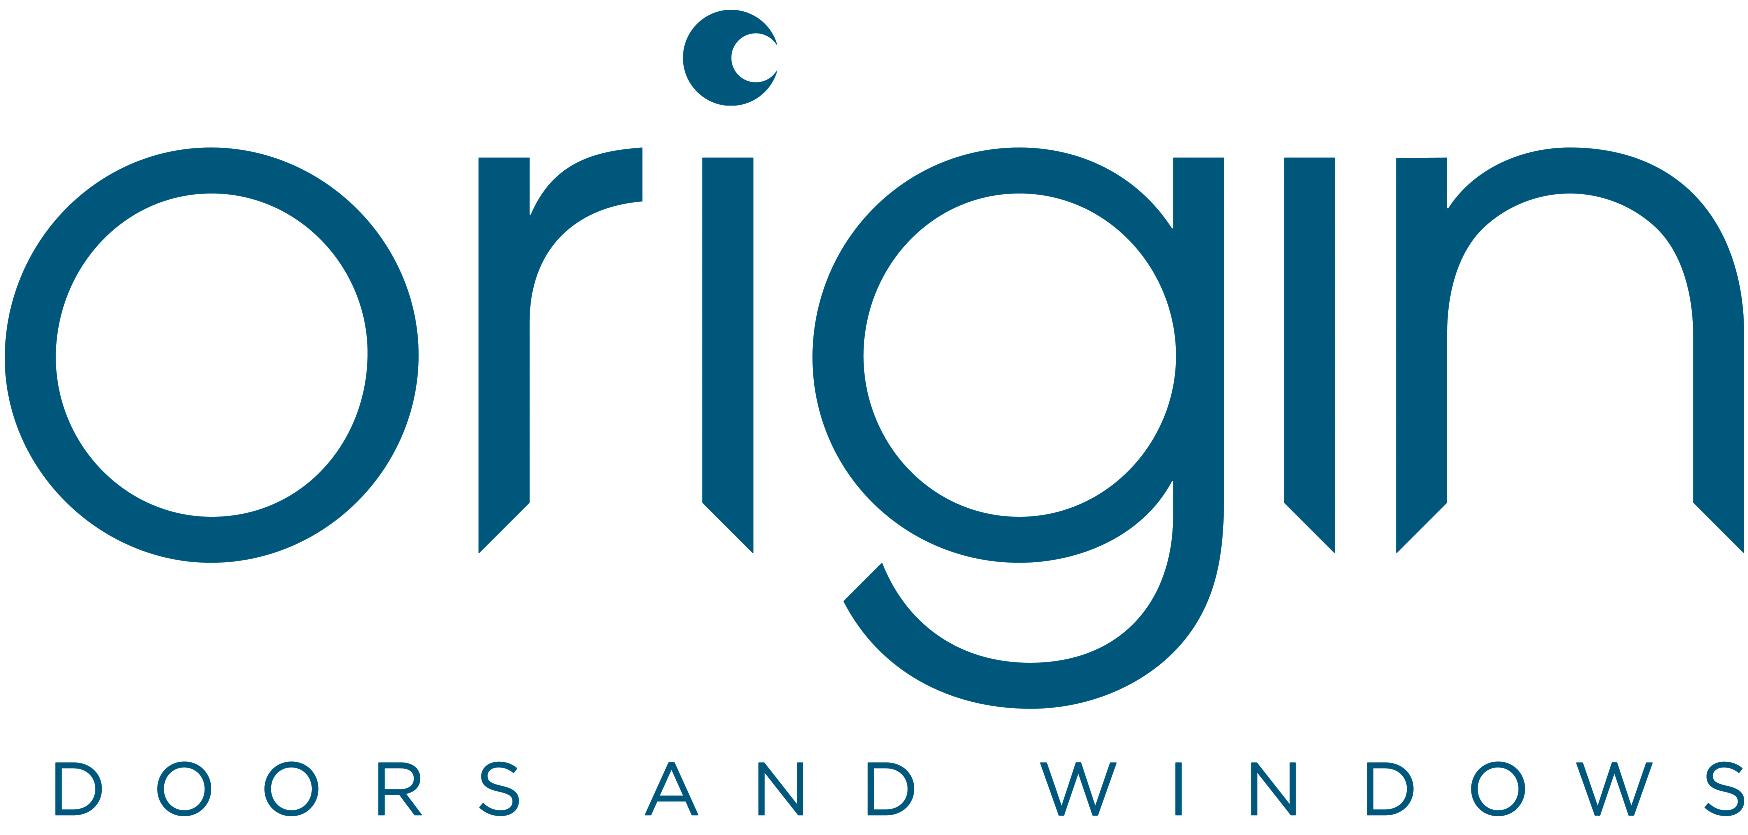 Origin-Branding_FINAL_Doors-and-Windows_BLUE.png